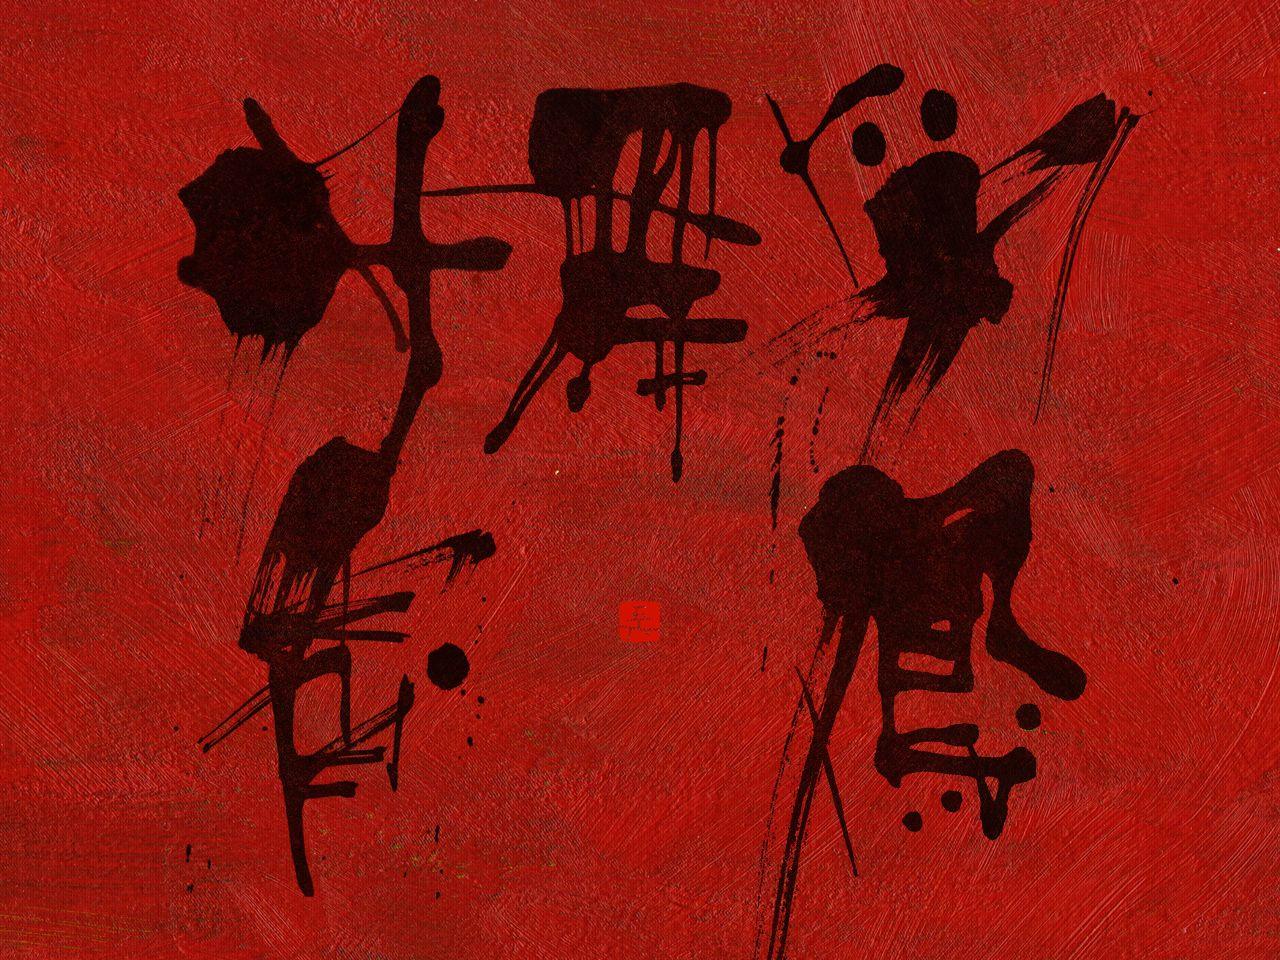 彩鳳舞丹霄 禅語 禅書 書道作品 zen zenwords calligraphy